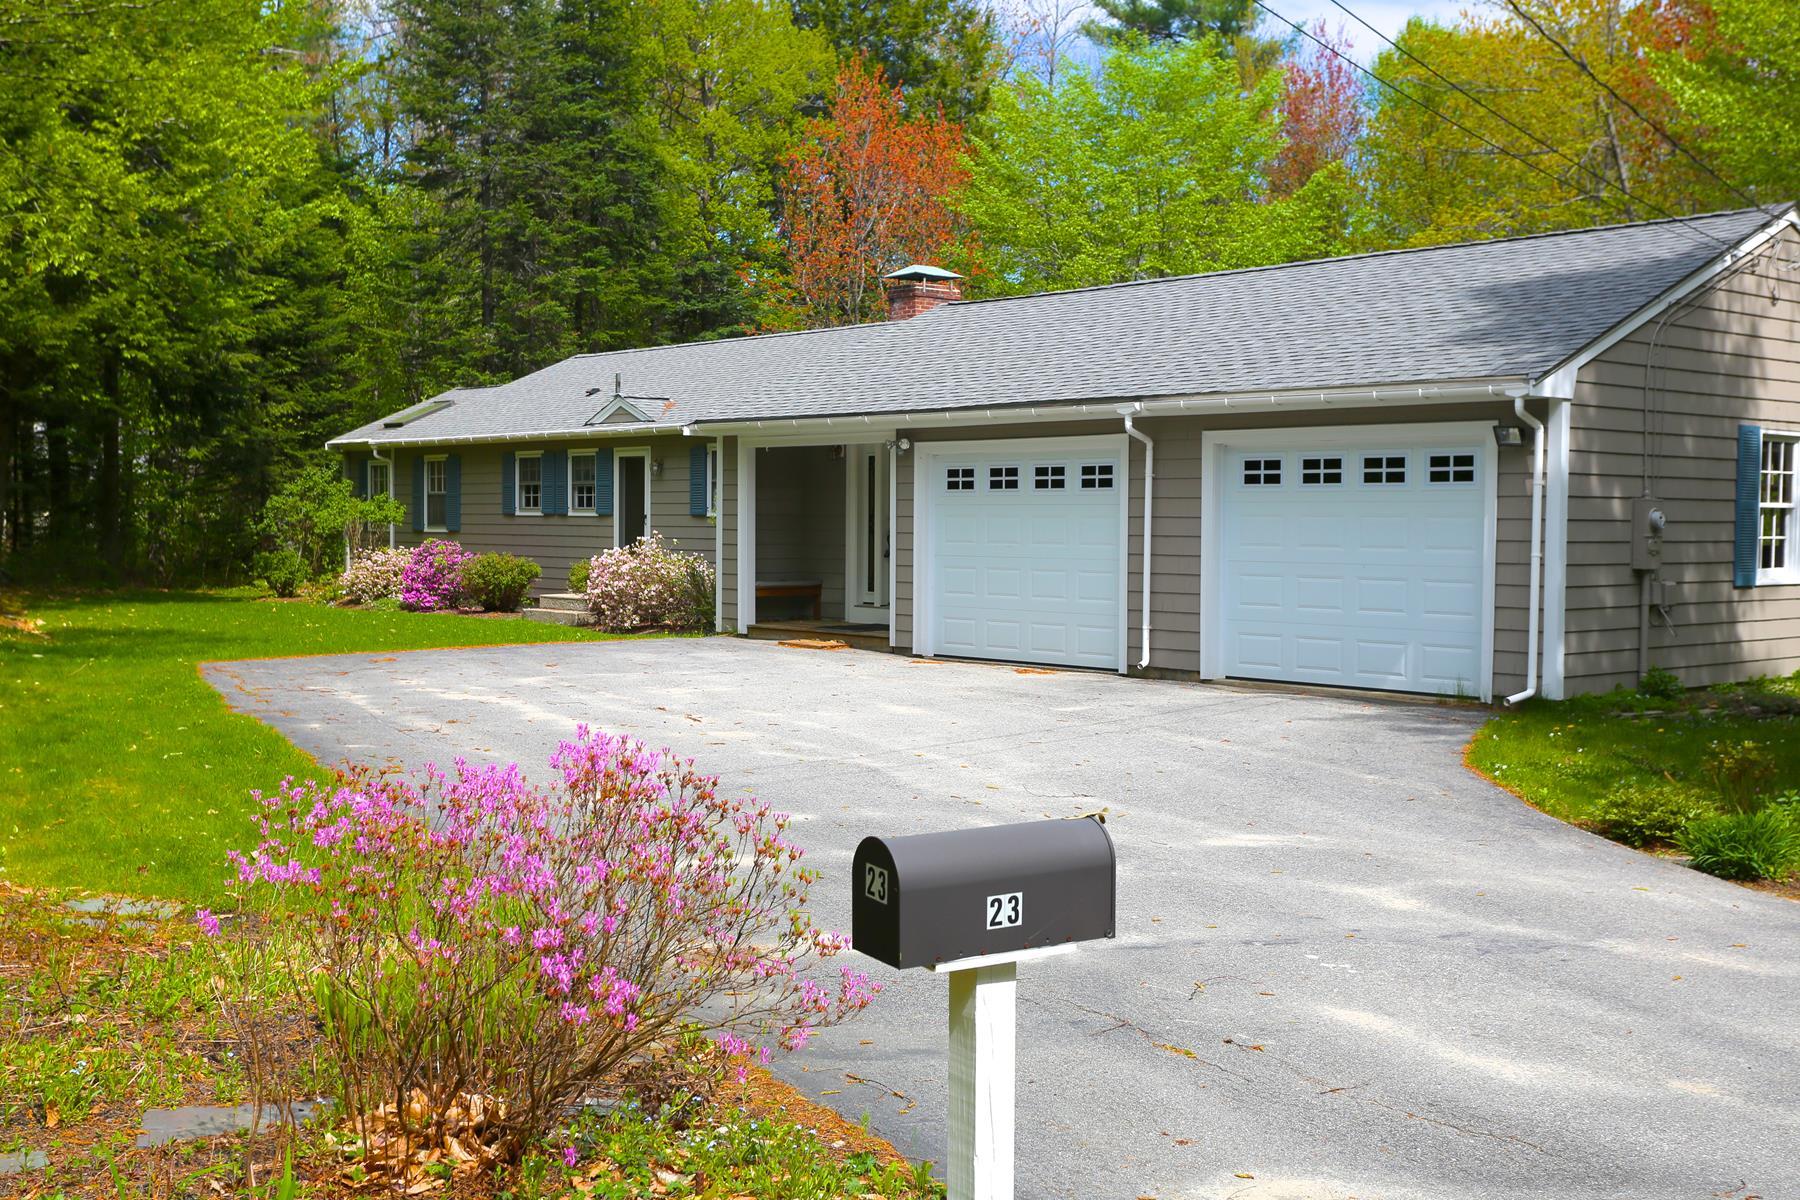 Частный односемейный дом для того Продажа на 23 Jenny, New London New London, Нью-Гэмпшир, 03257 Соединенные Штаты